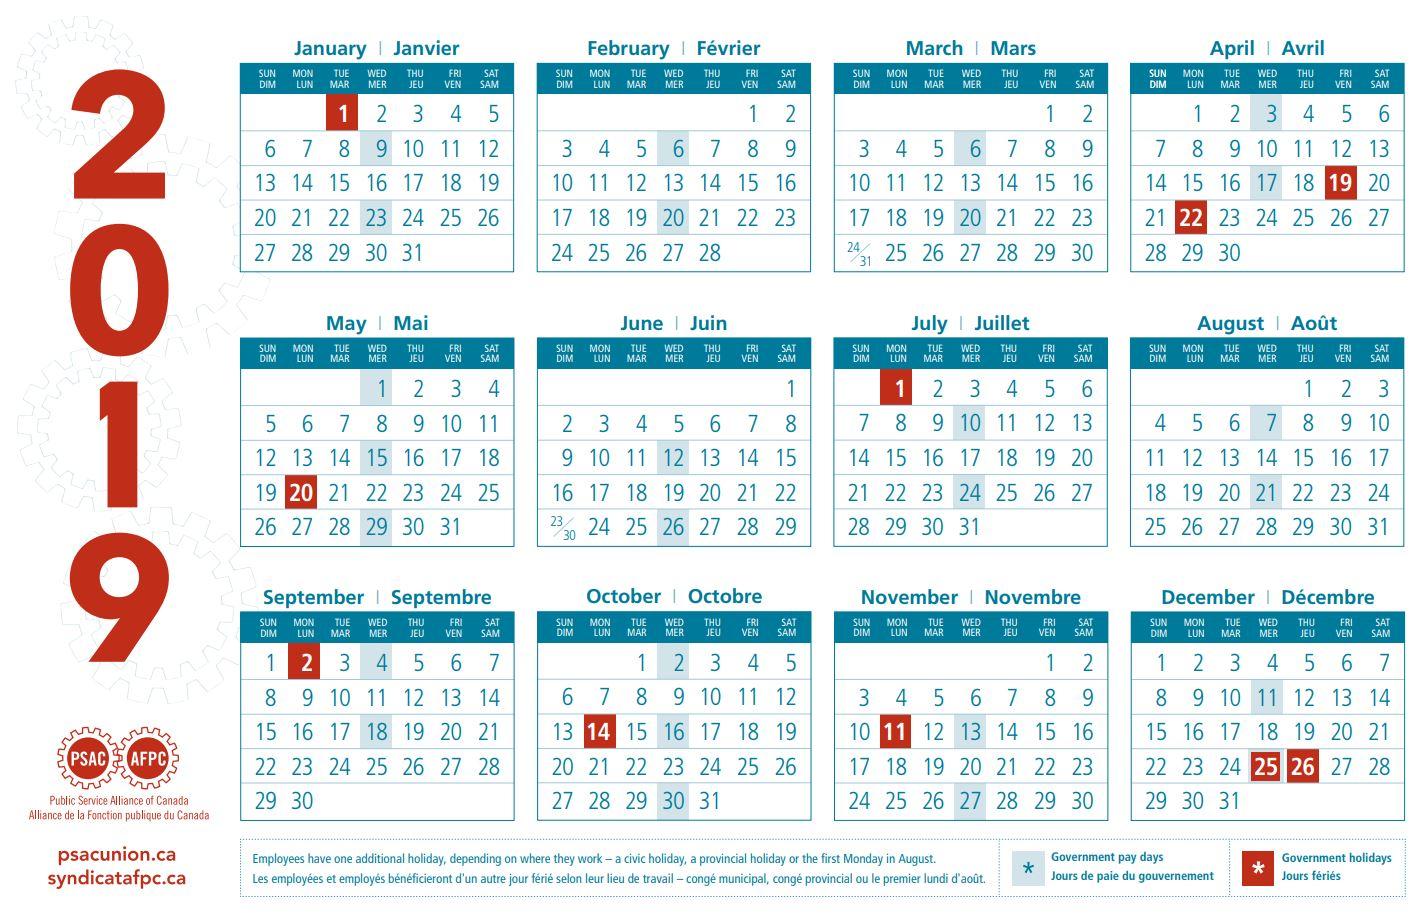 PSAC calendars | Public Service Alliance of Canada